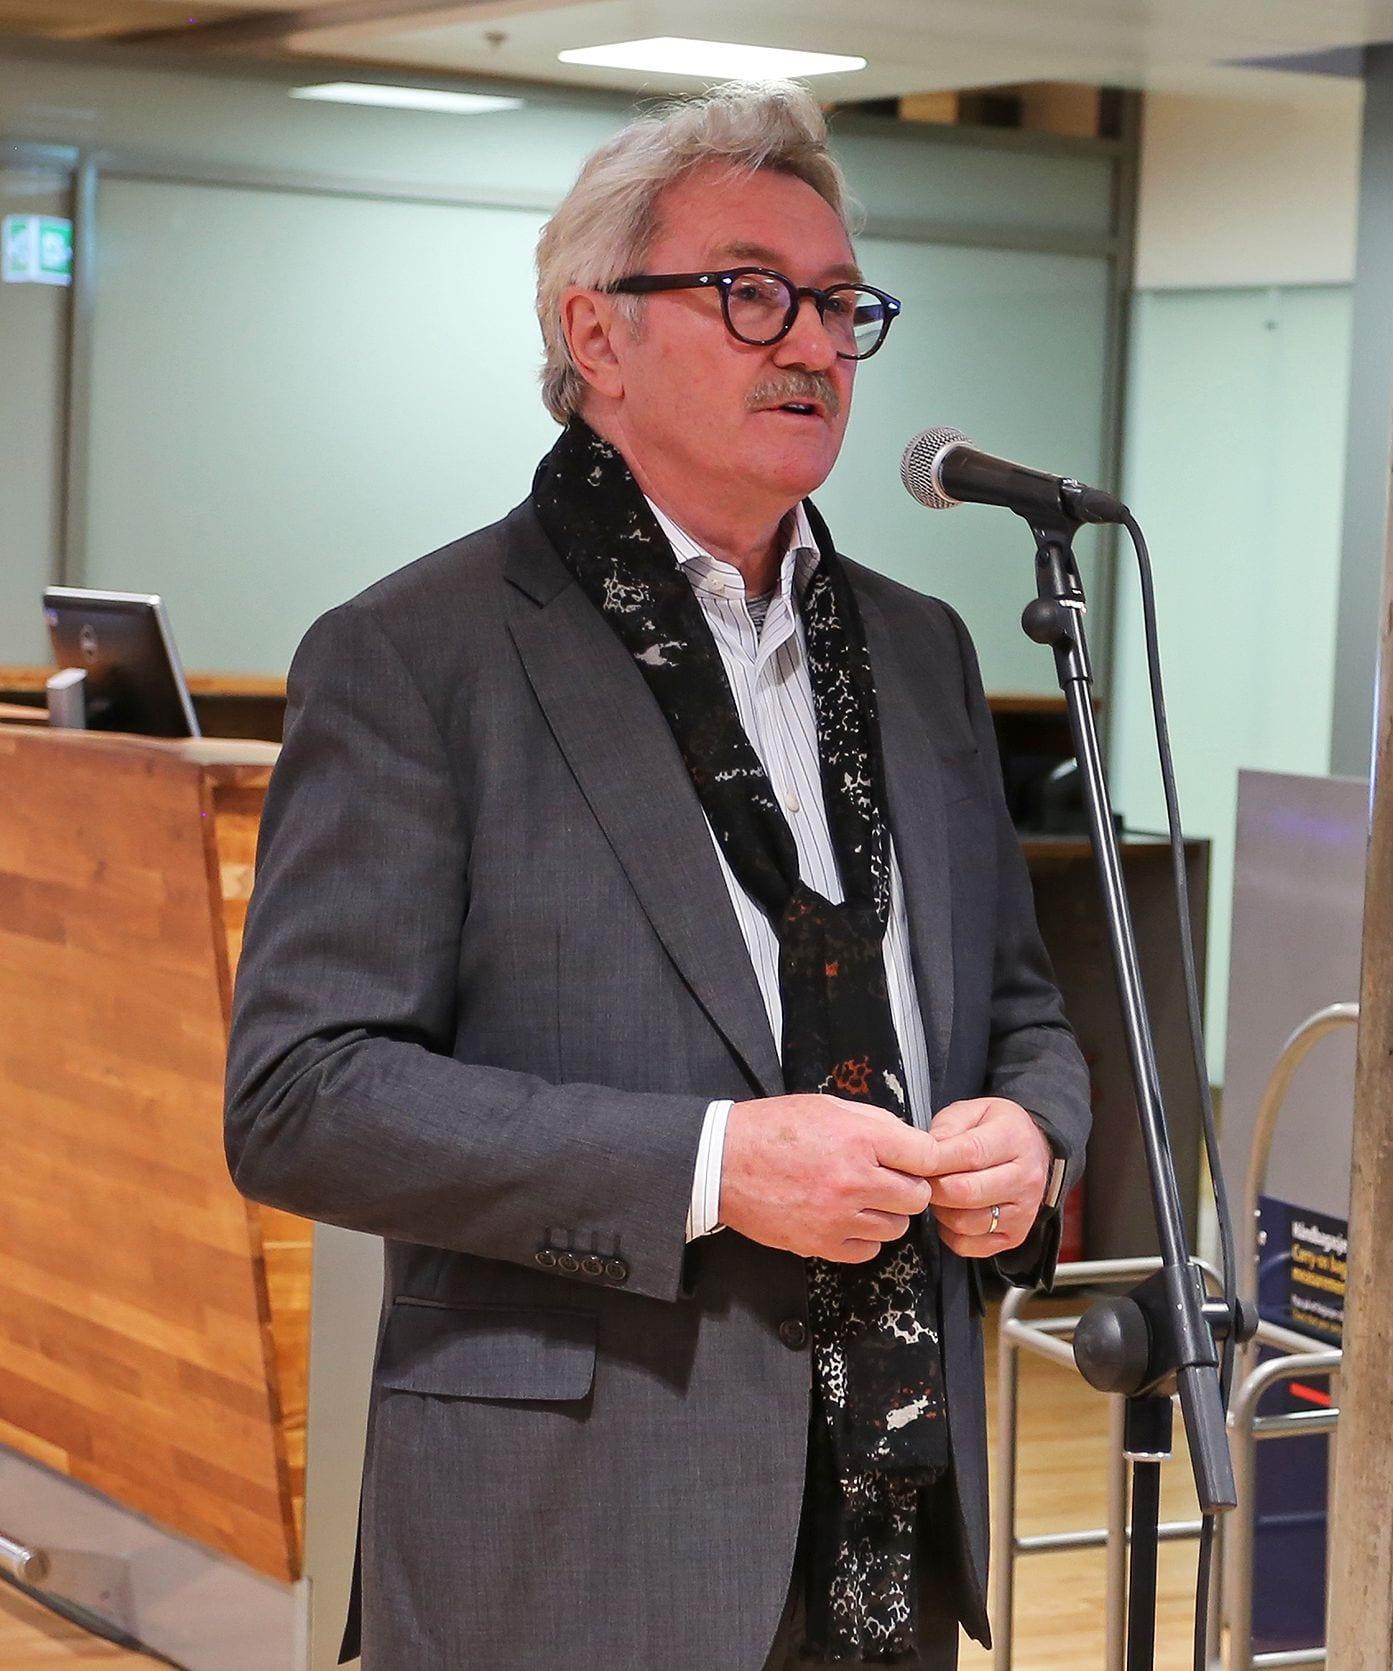 Gardermoen 31. oktober 2018. Ambassadør Jon Hanssen-Bauer taler til passasjerene før avreise. (Foto: Avinor)